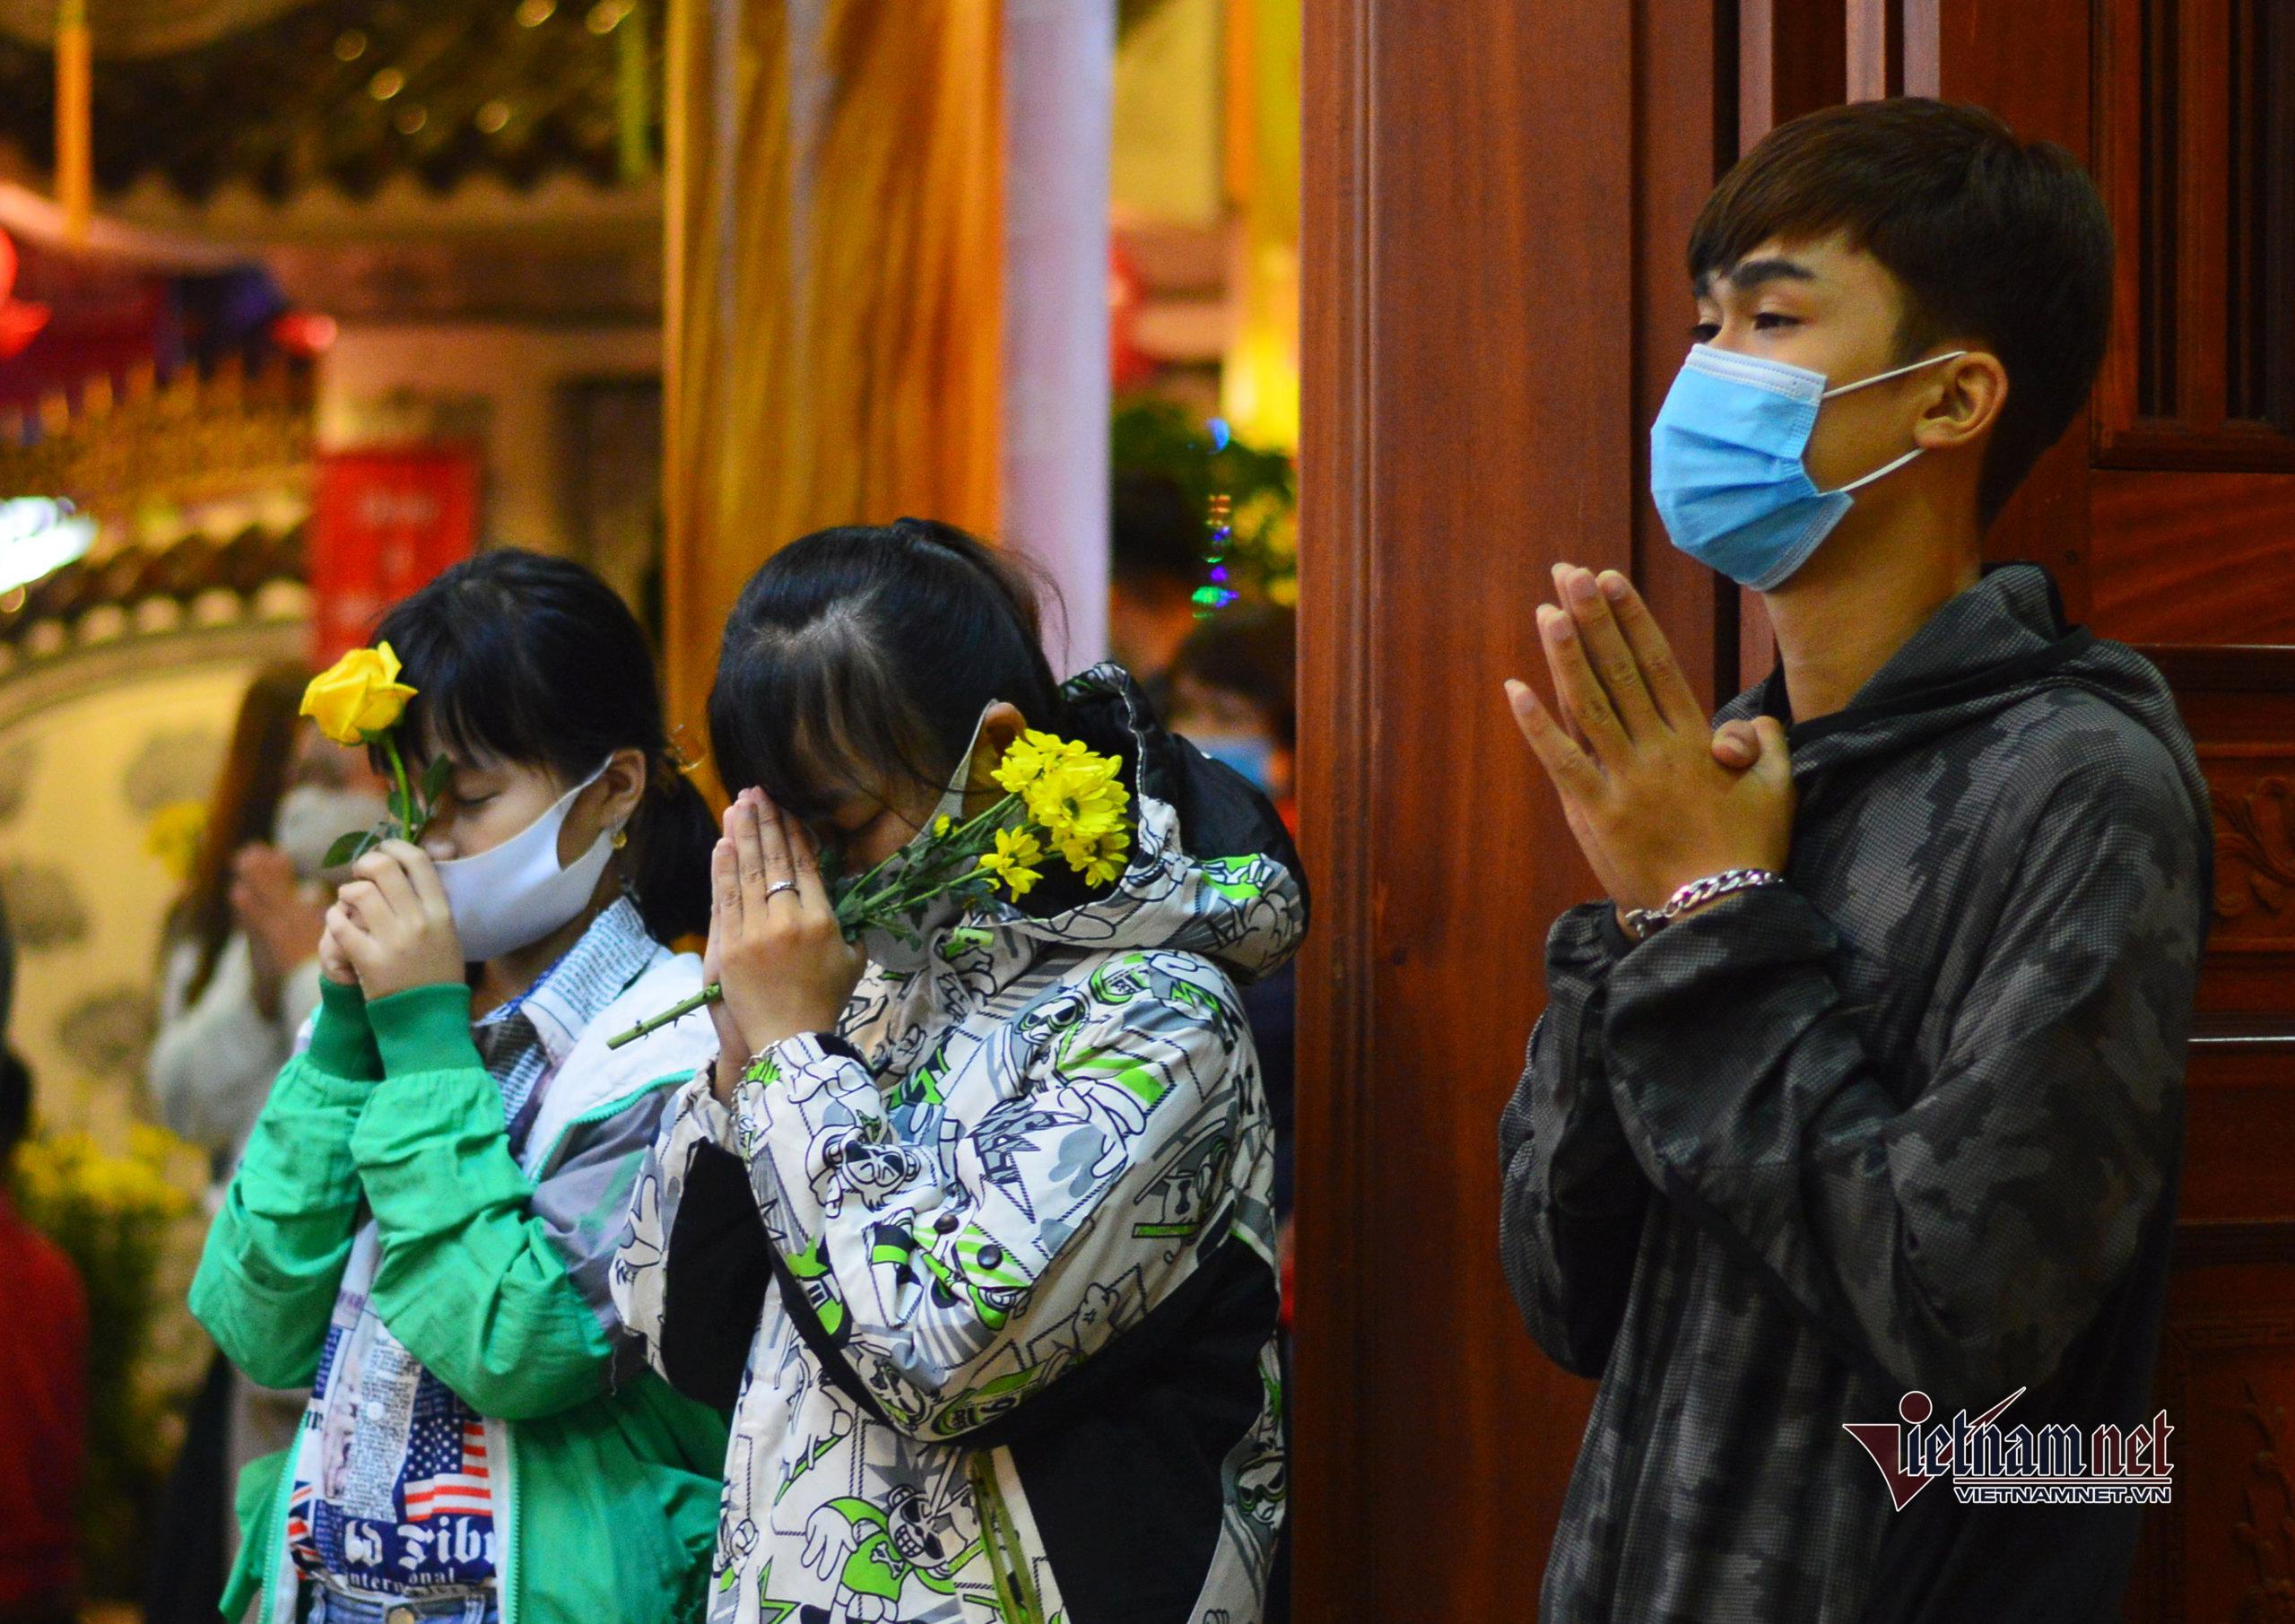 Hàng nghìn người dân ở Đà Nẵng đến chùa hái lộc, cầu an năm mới